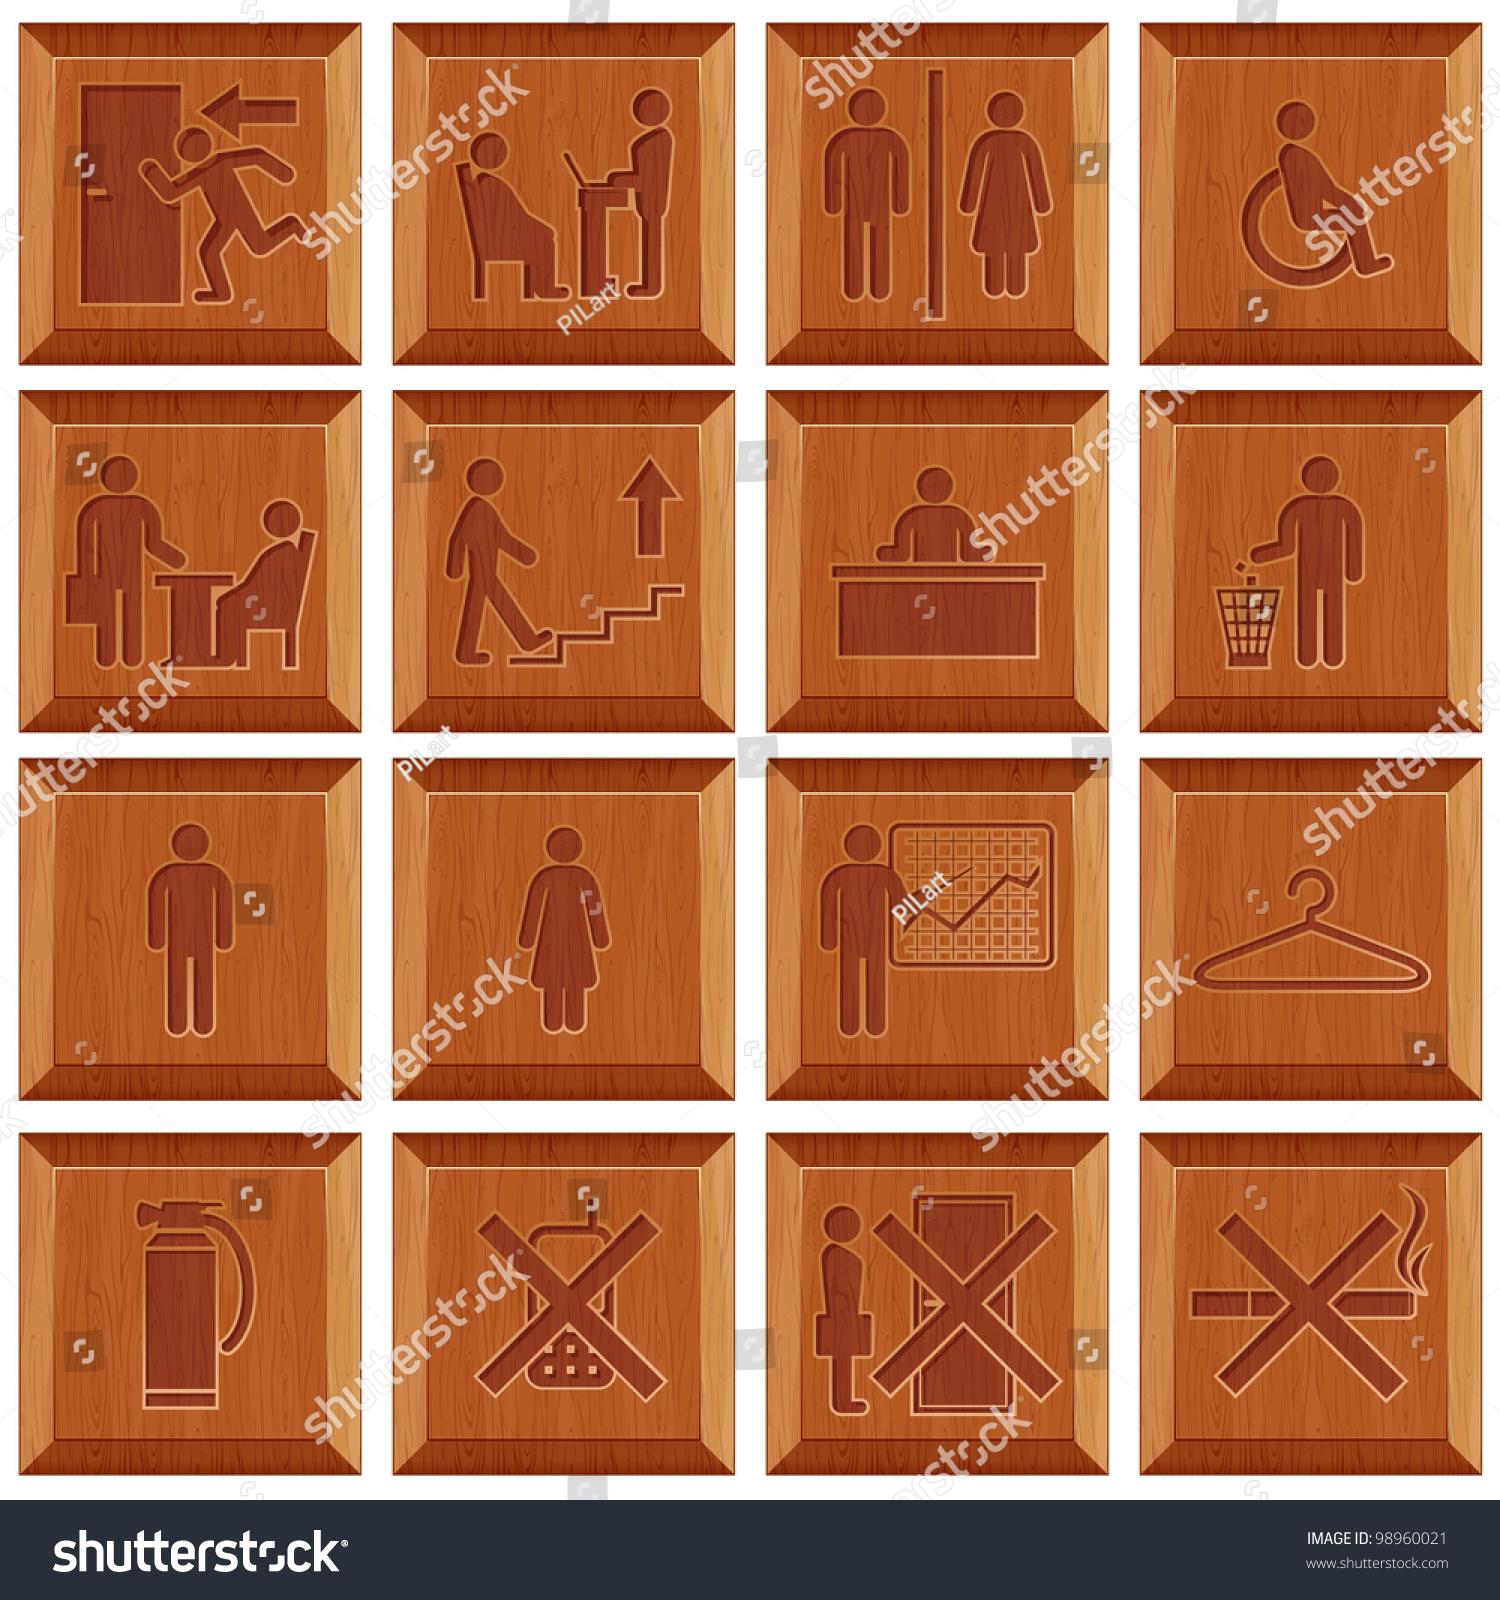 Wooden Door Signs Workplaces Stock Vector 98960021 - Shutterstock